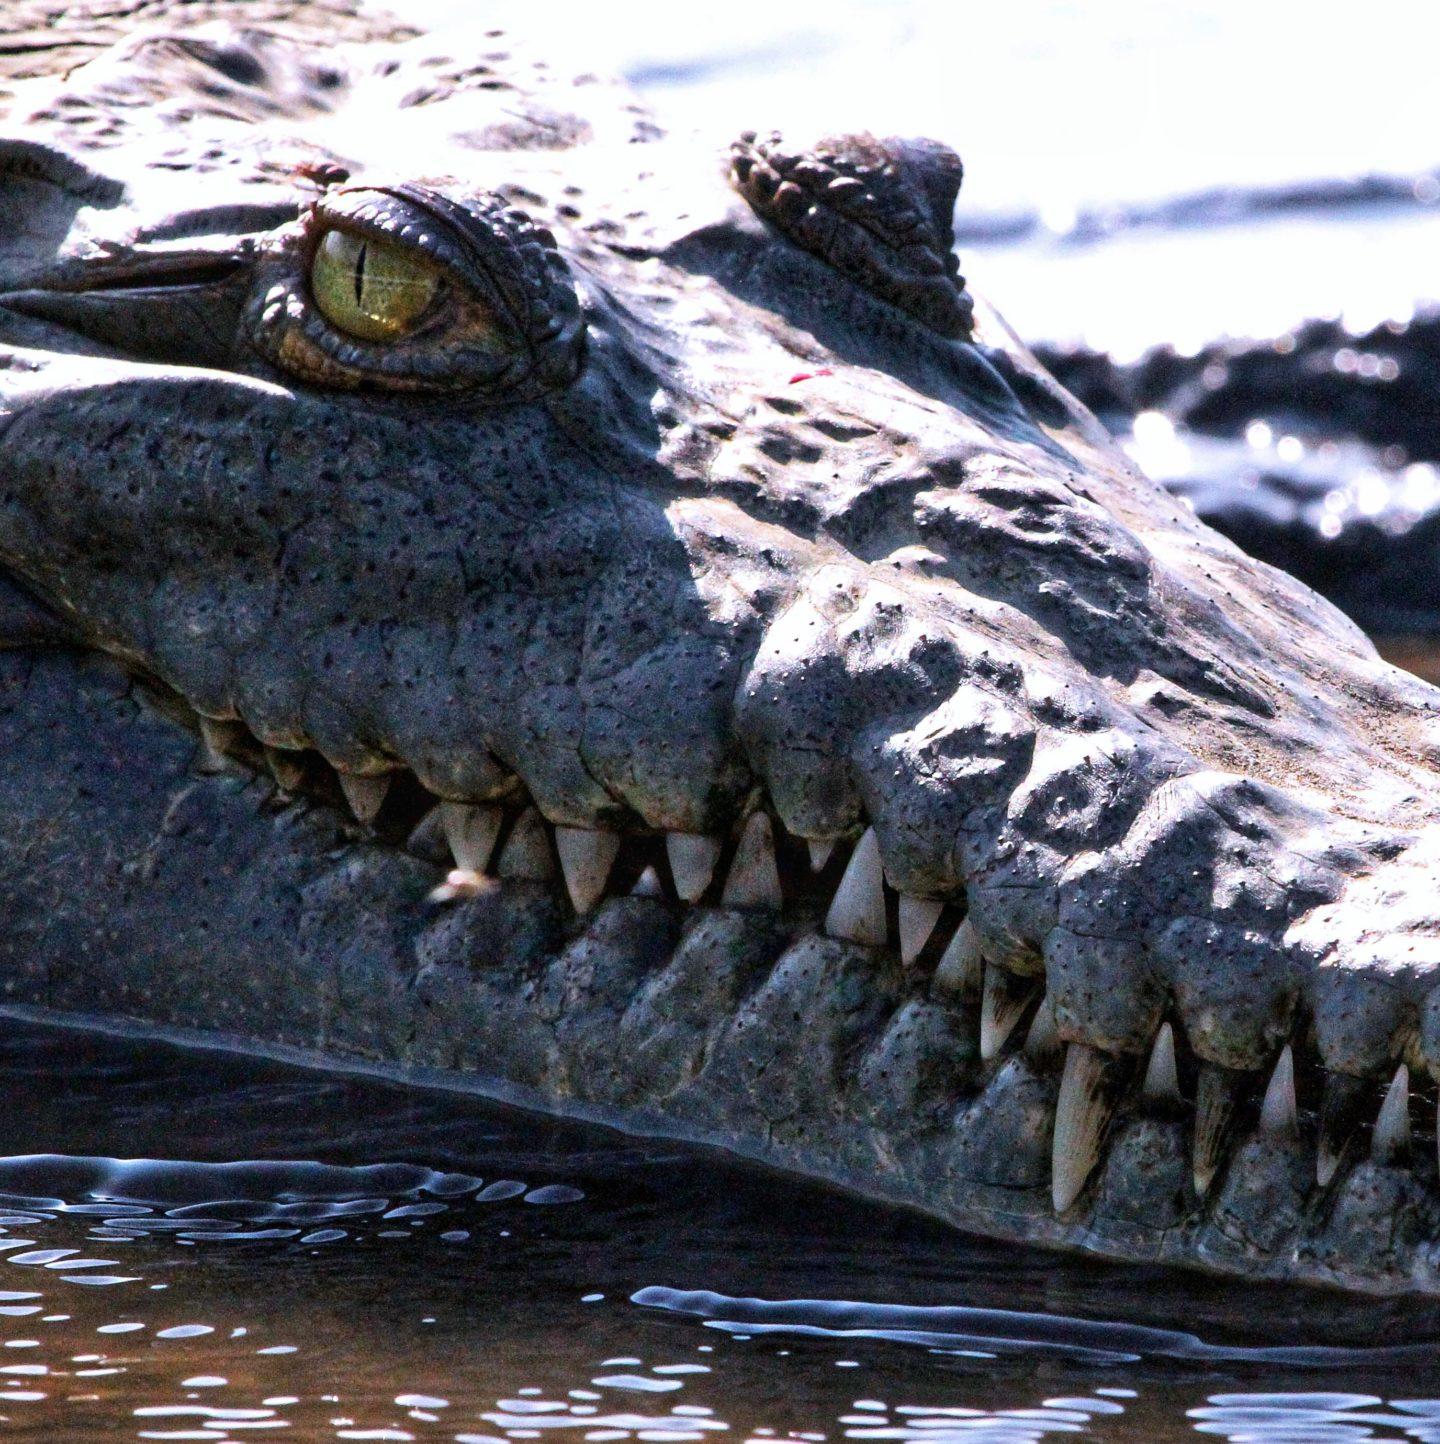 American Crocodile, Costa Rica